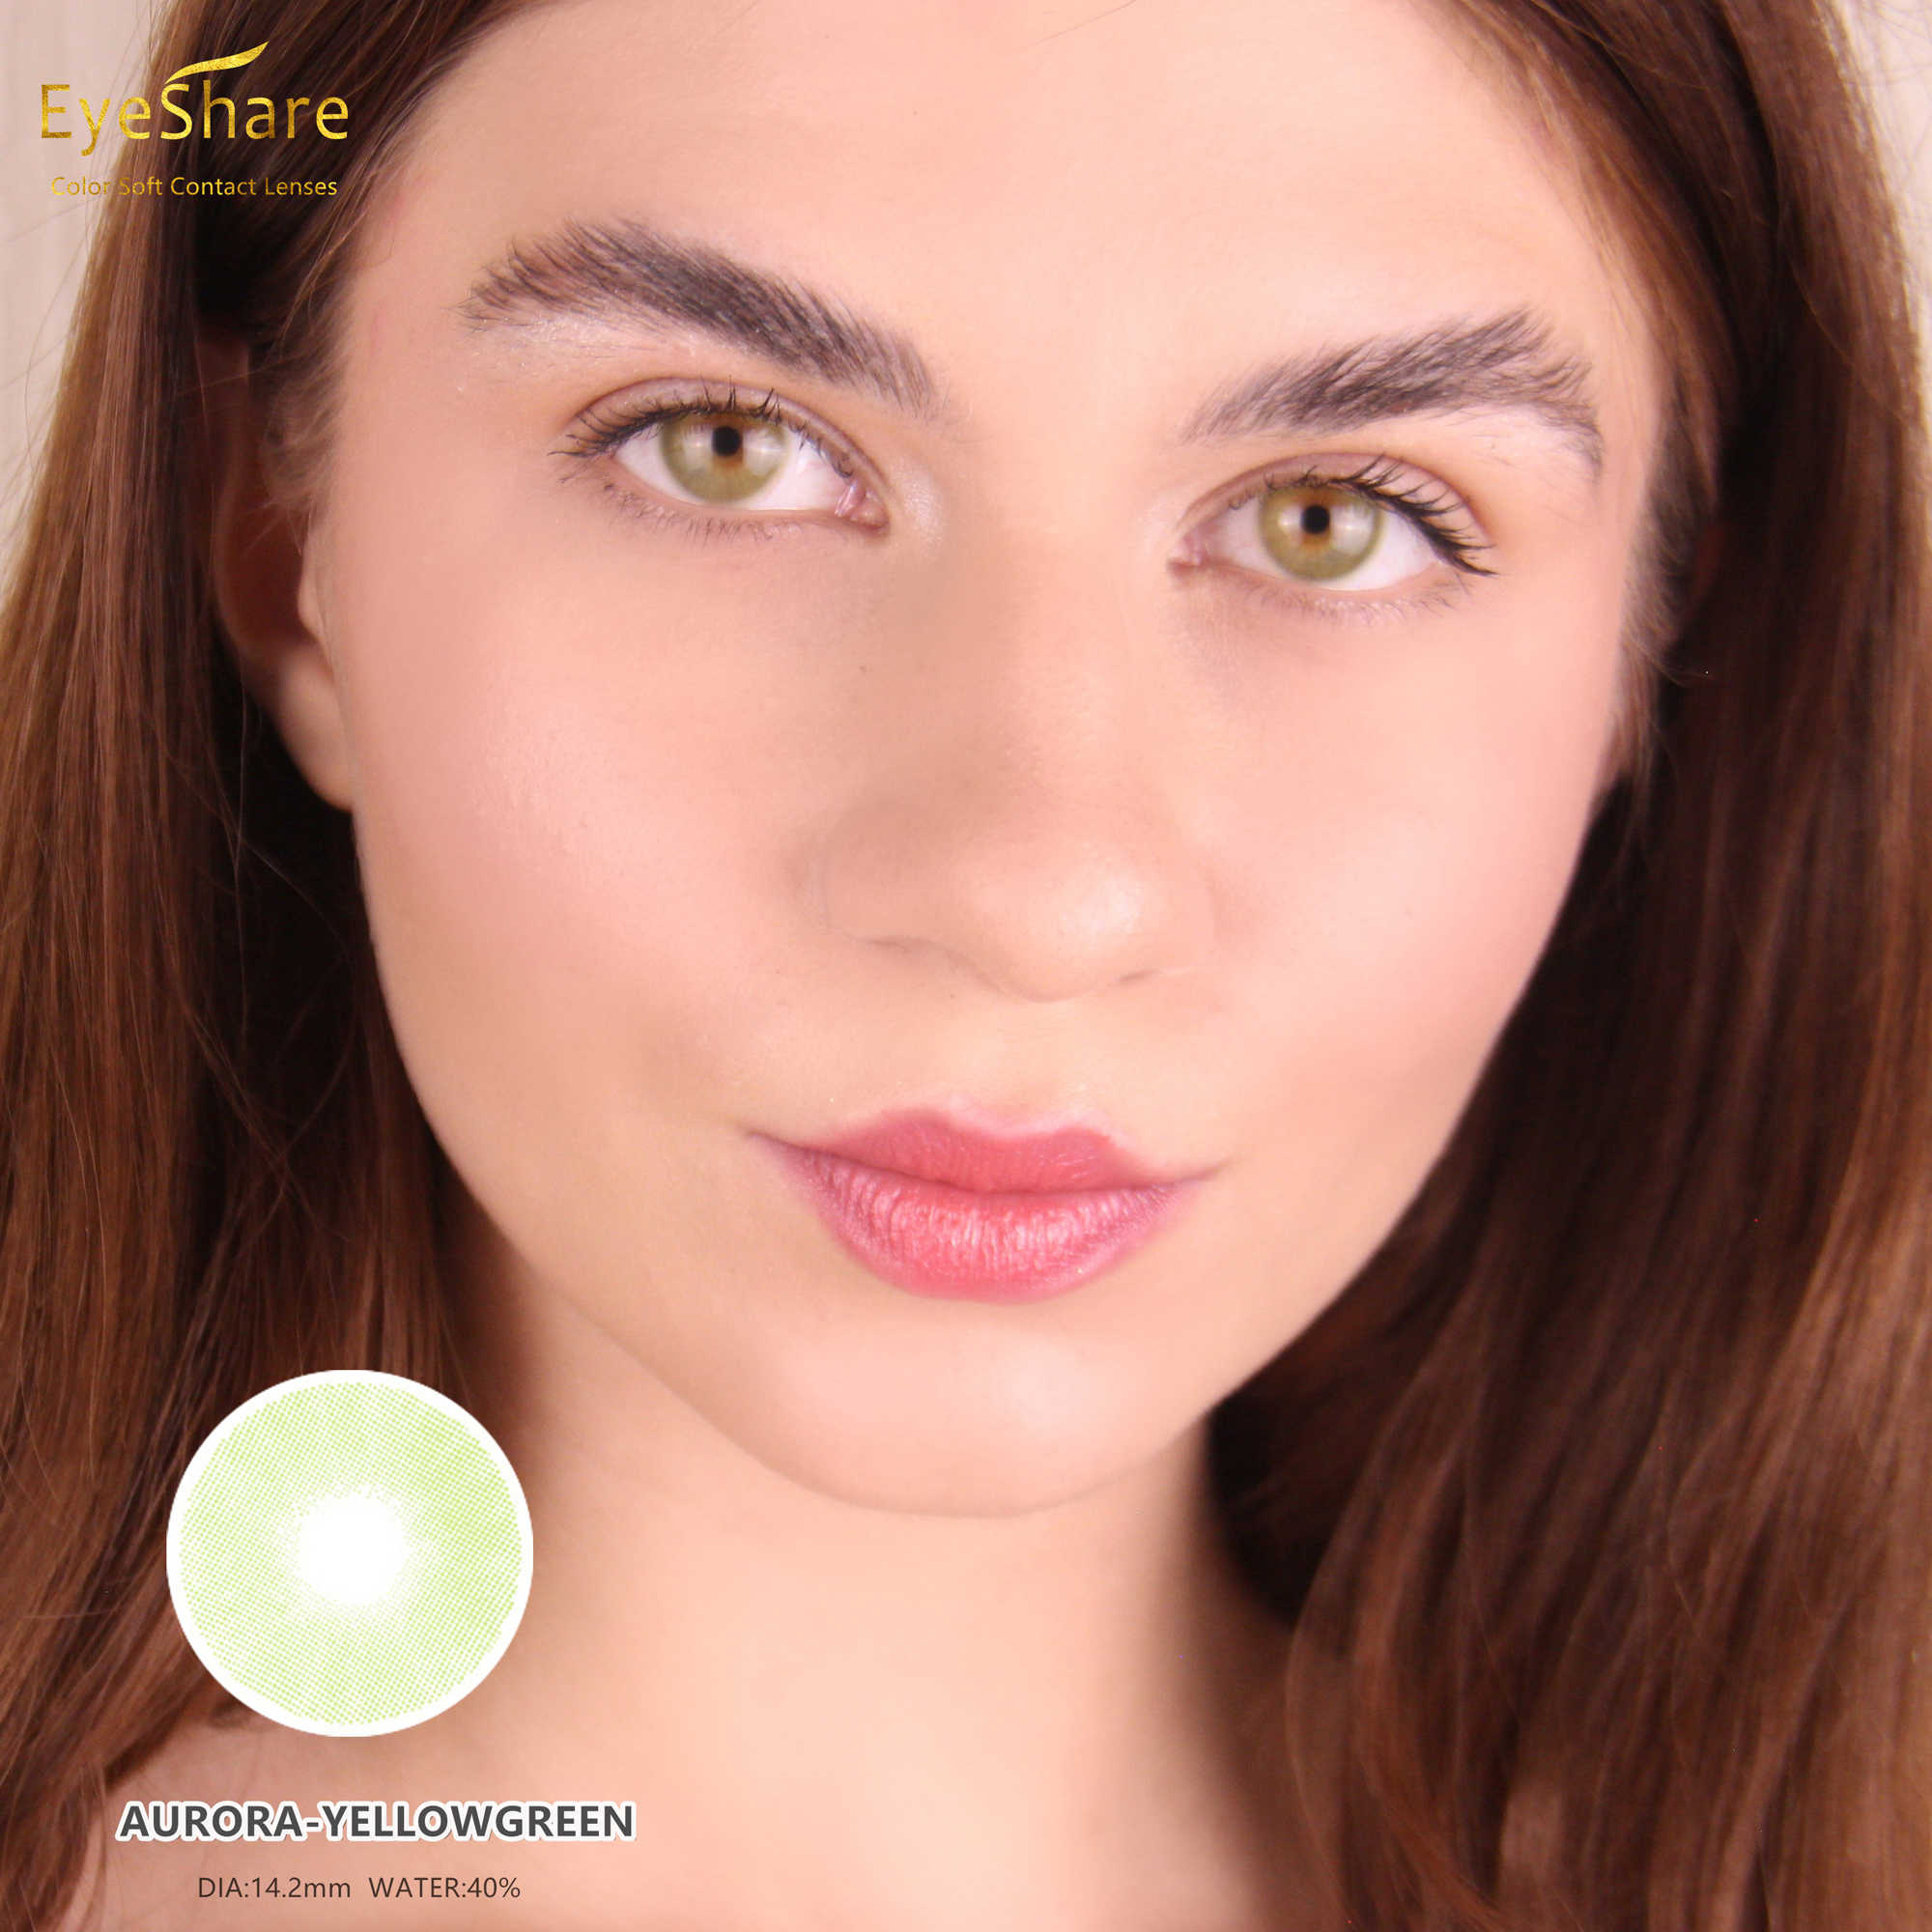 EYESHARE 1 para Aurora Europe kolorowe szkła kontaktowe roczne zastosowanie kosmetyczne soczewki kontaktowe kolor oczu